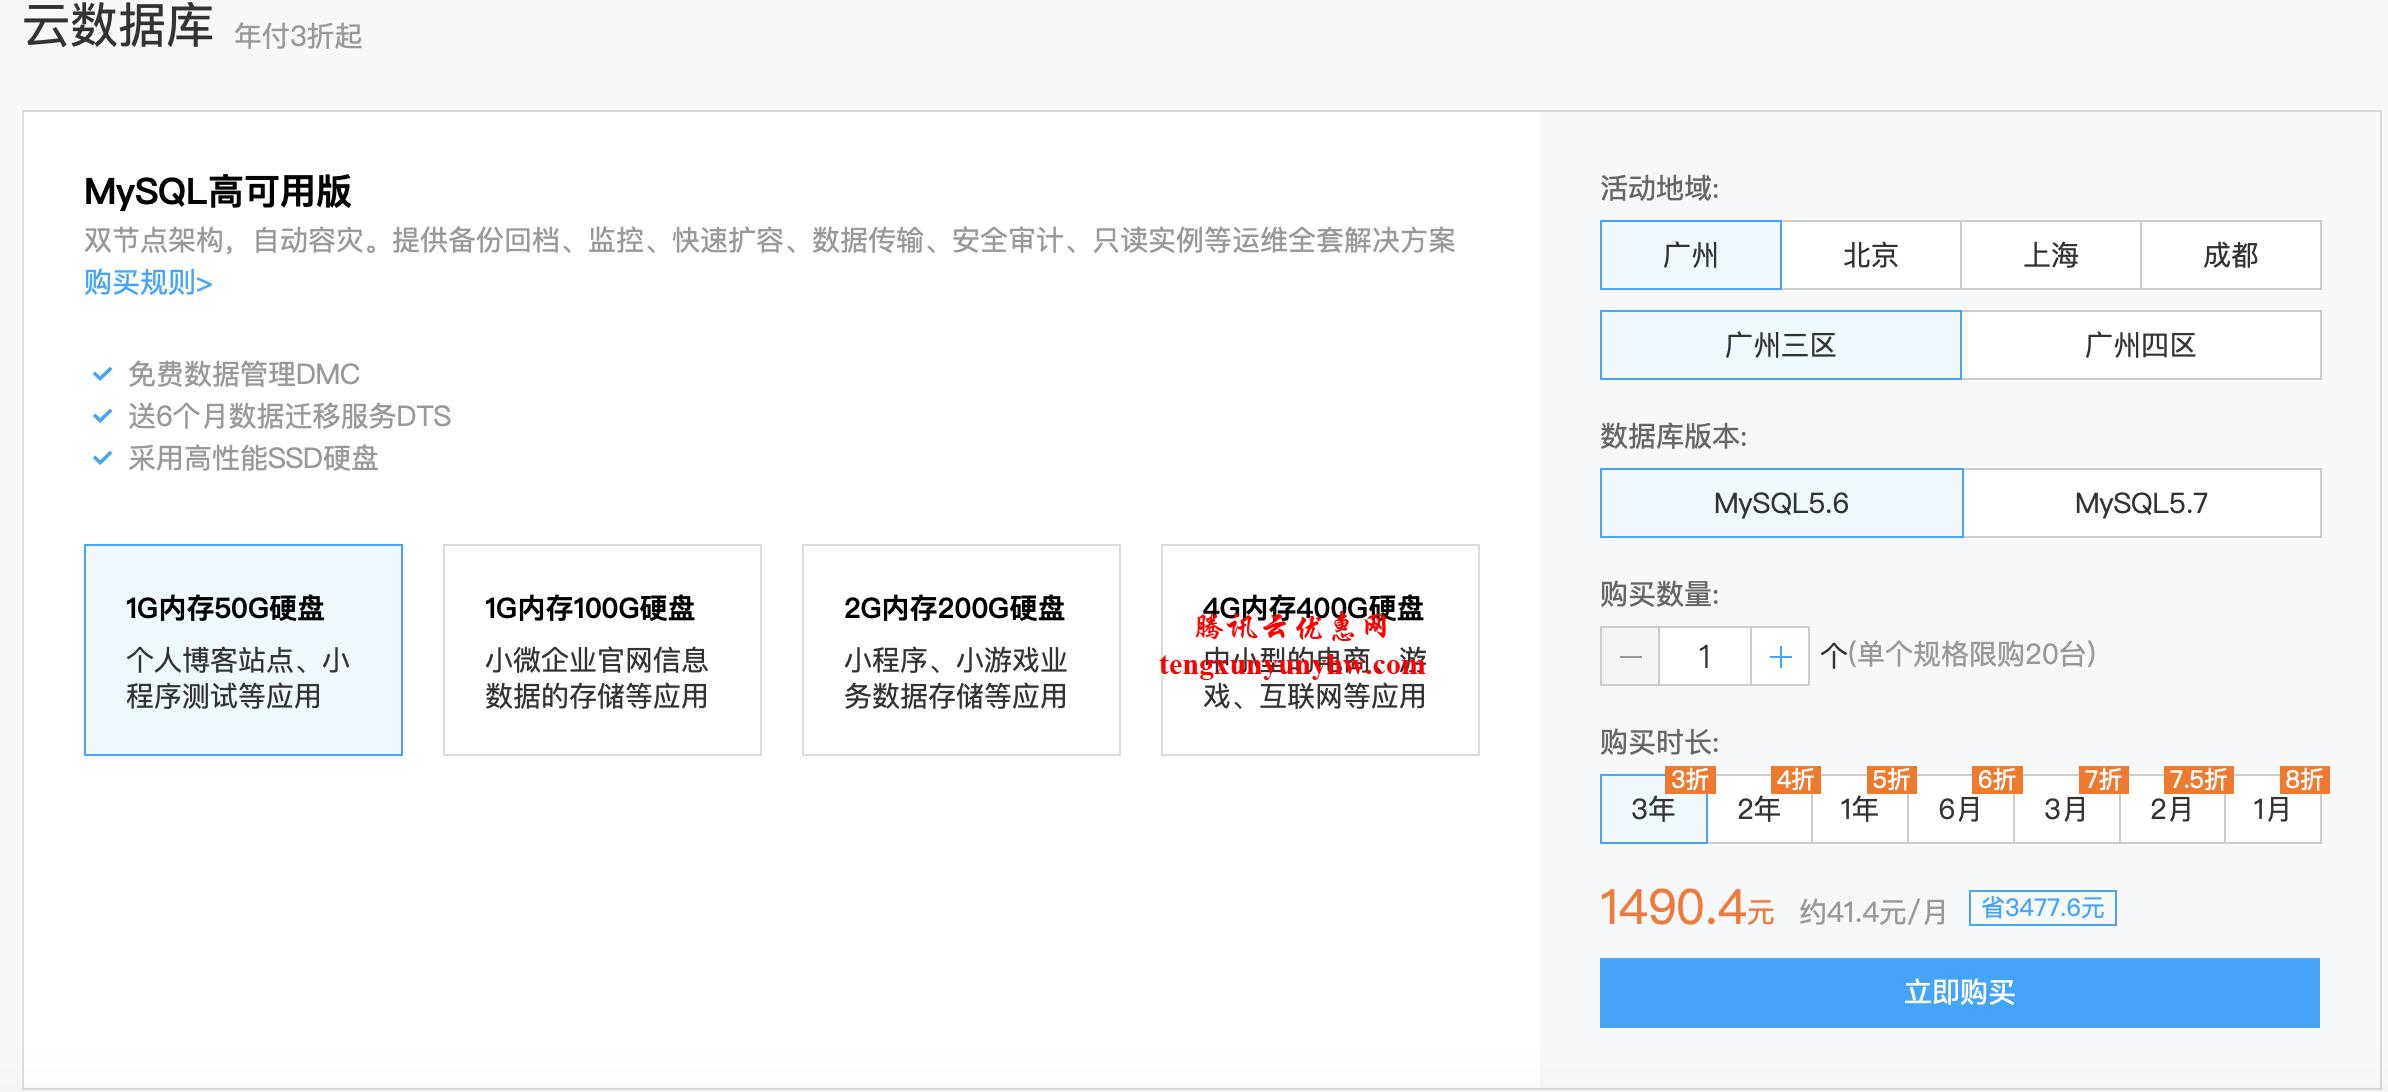 腾讯云mysql 3折优惠